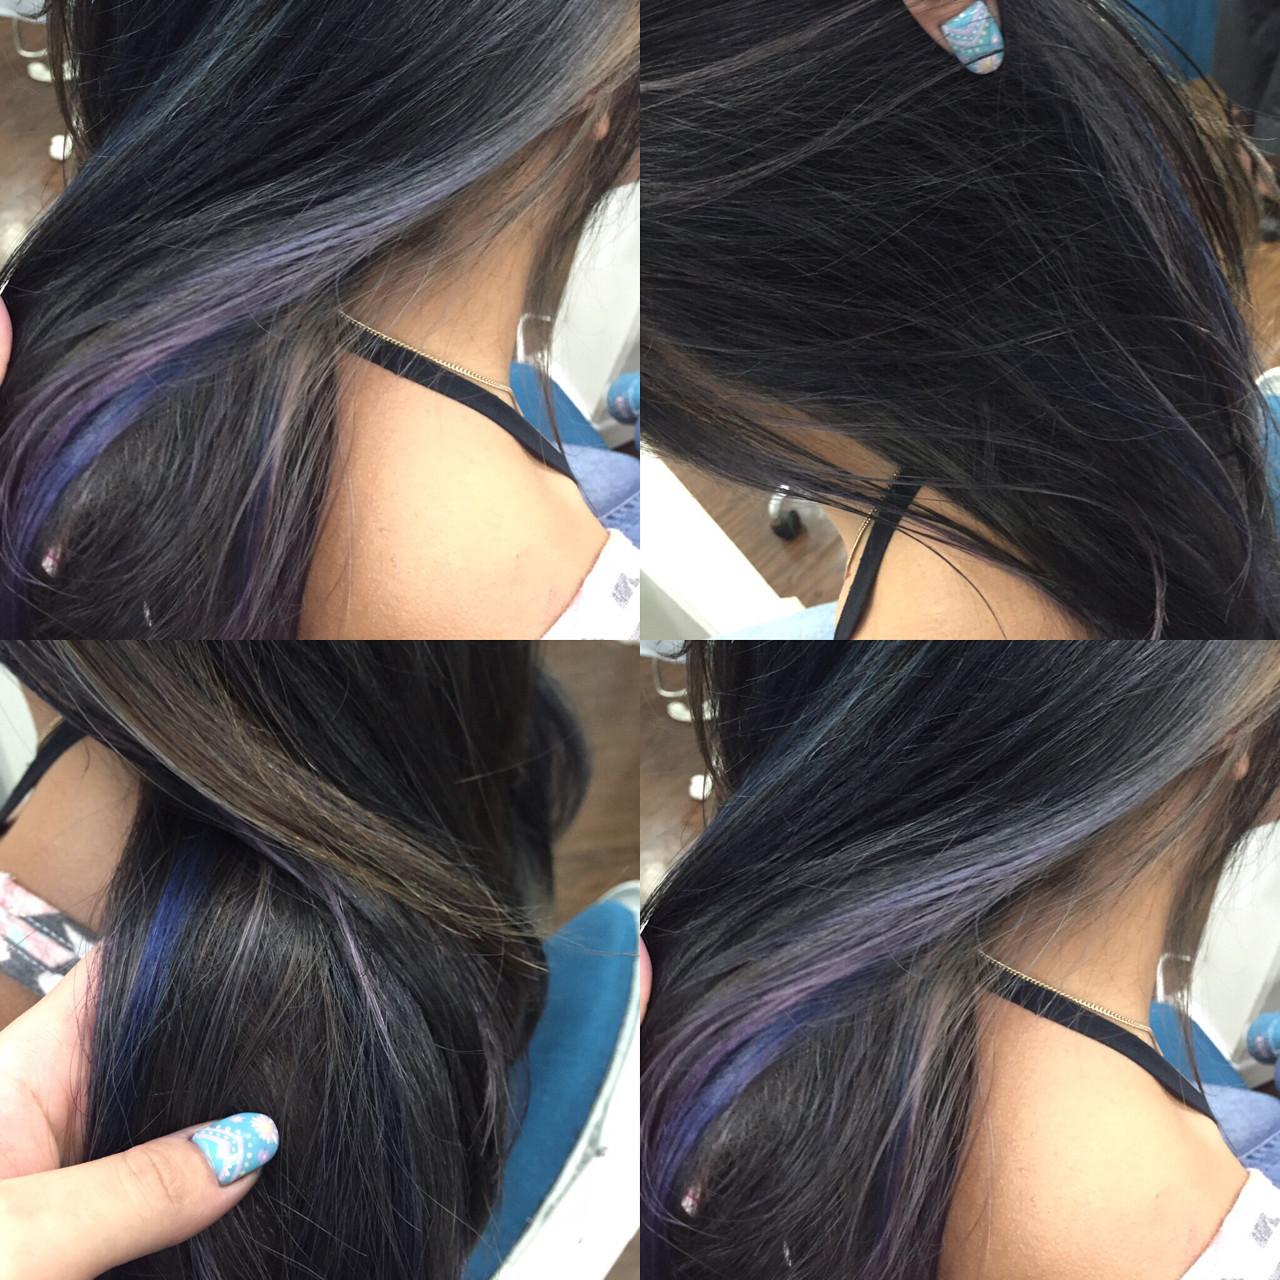 ハイライト ダブルカラー ミディアム パープルヘアスタイルや髪型の写真・画像